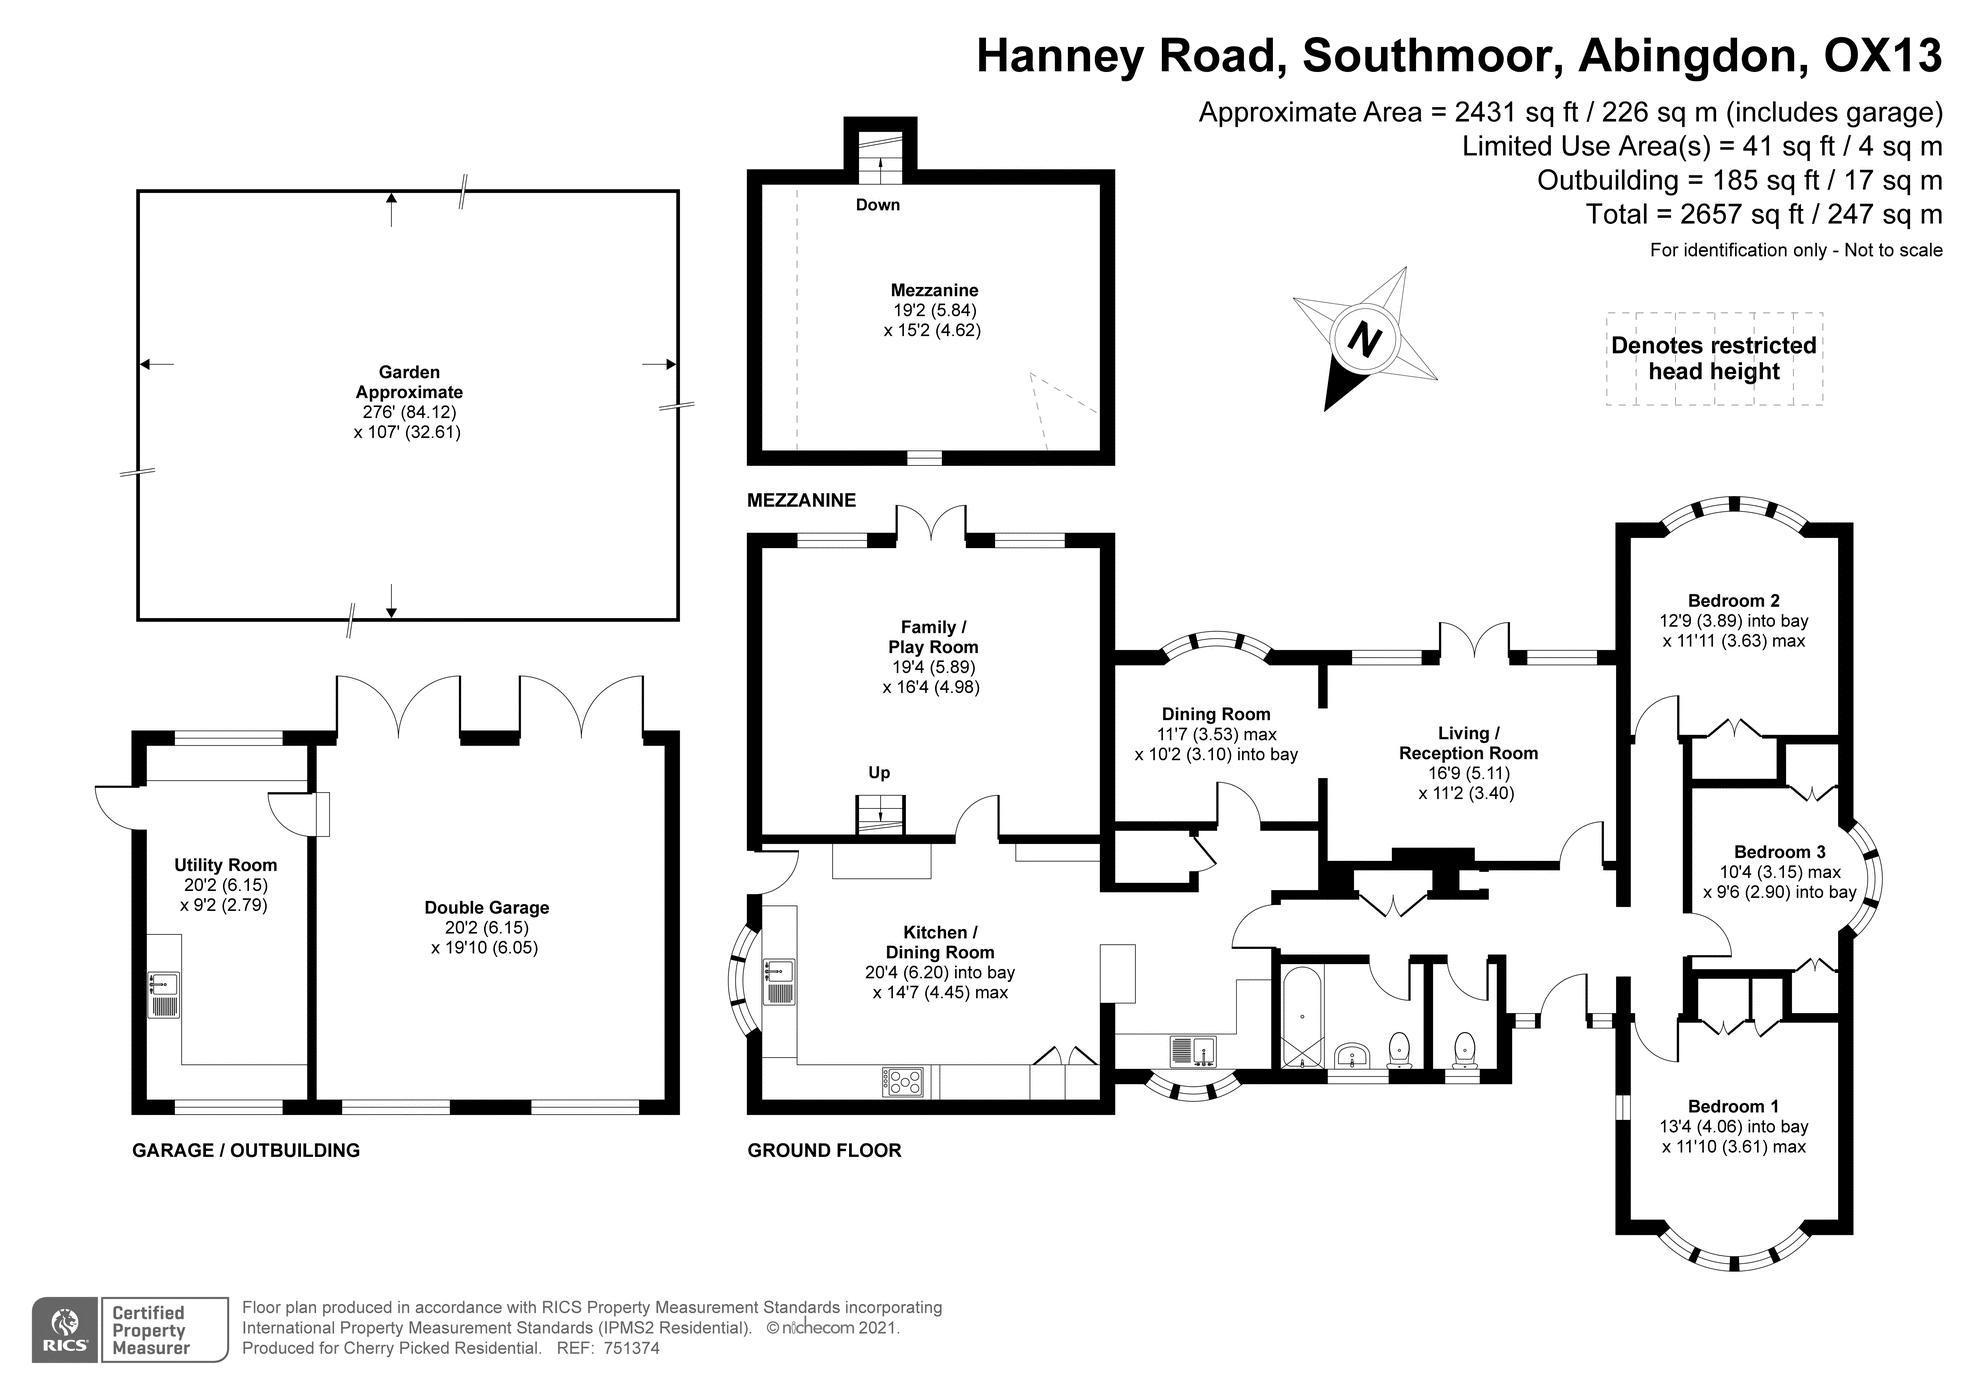 Hanney Road